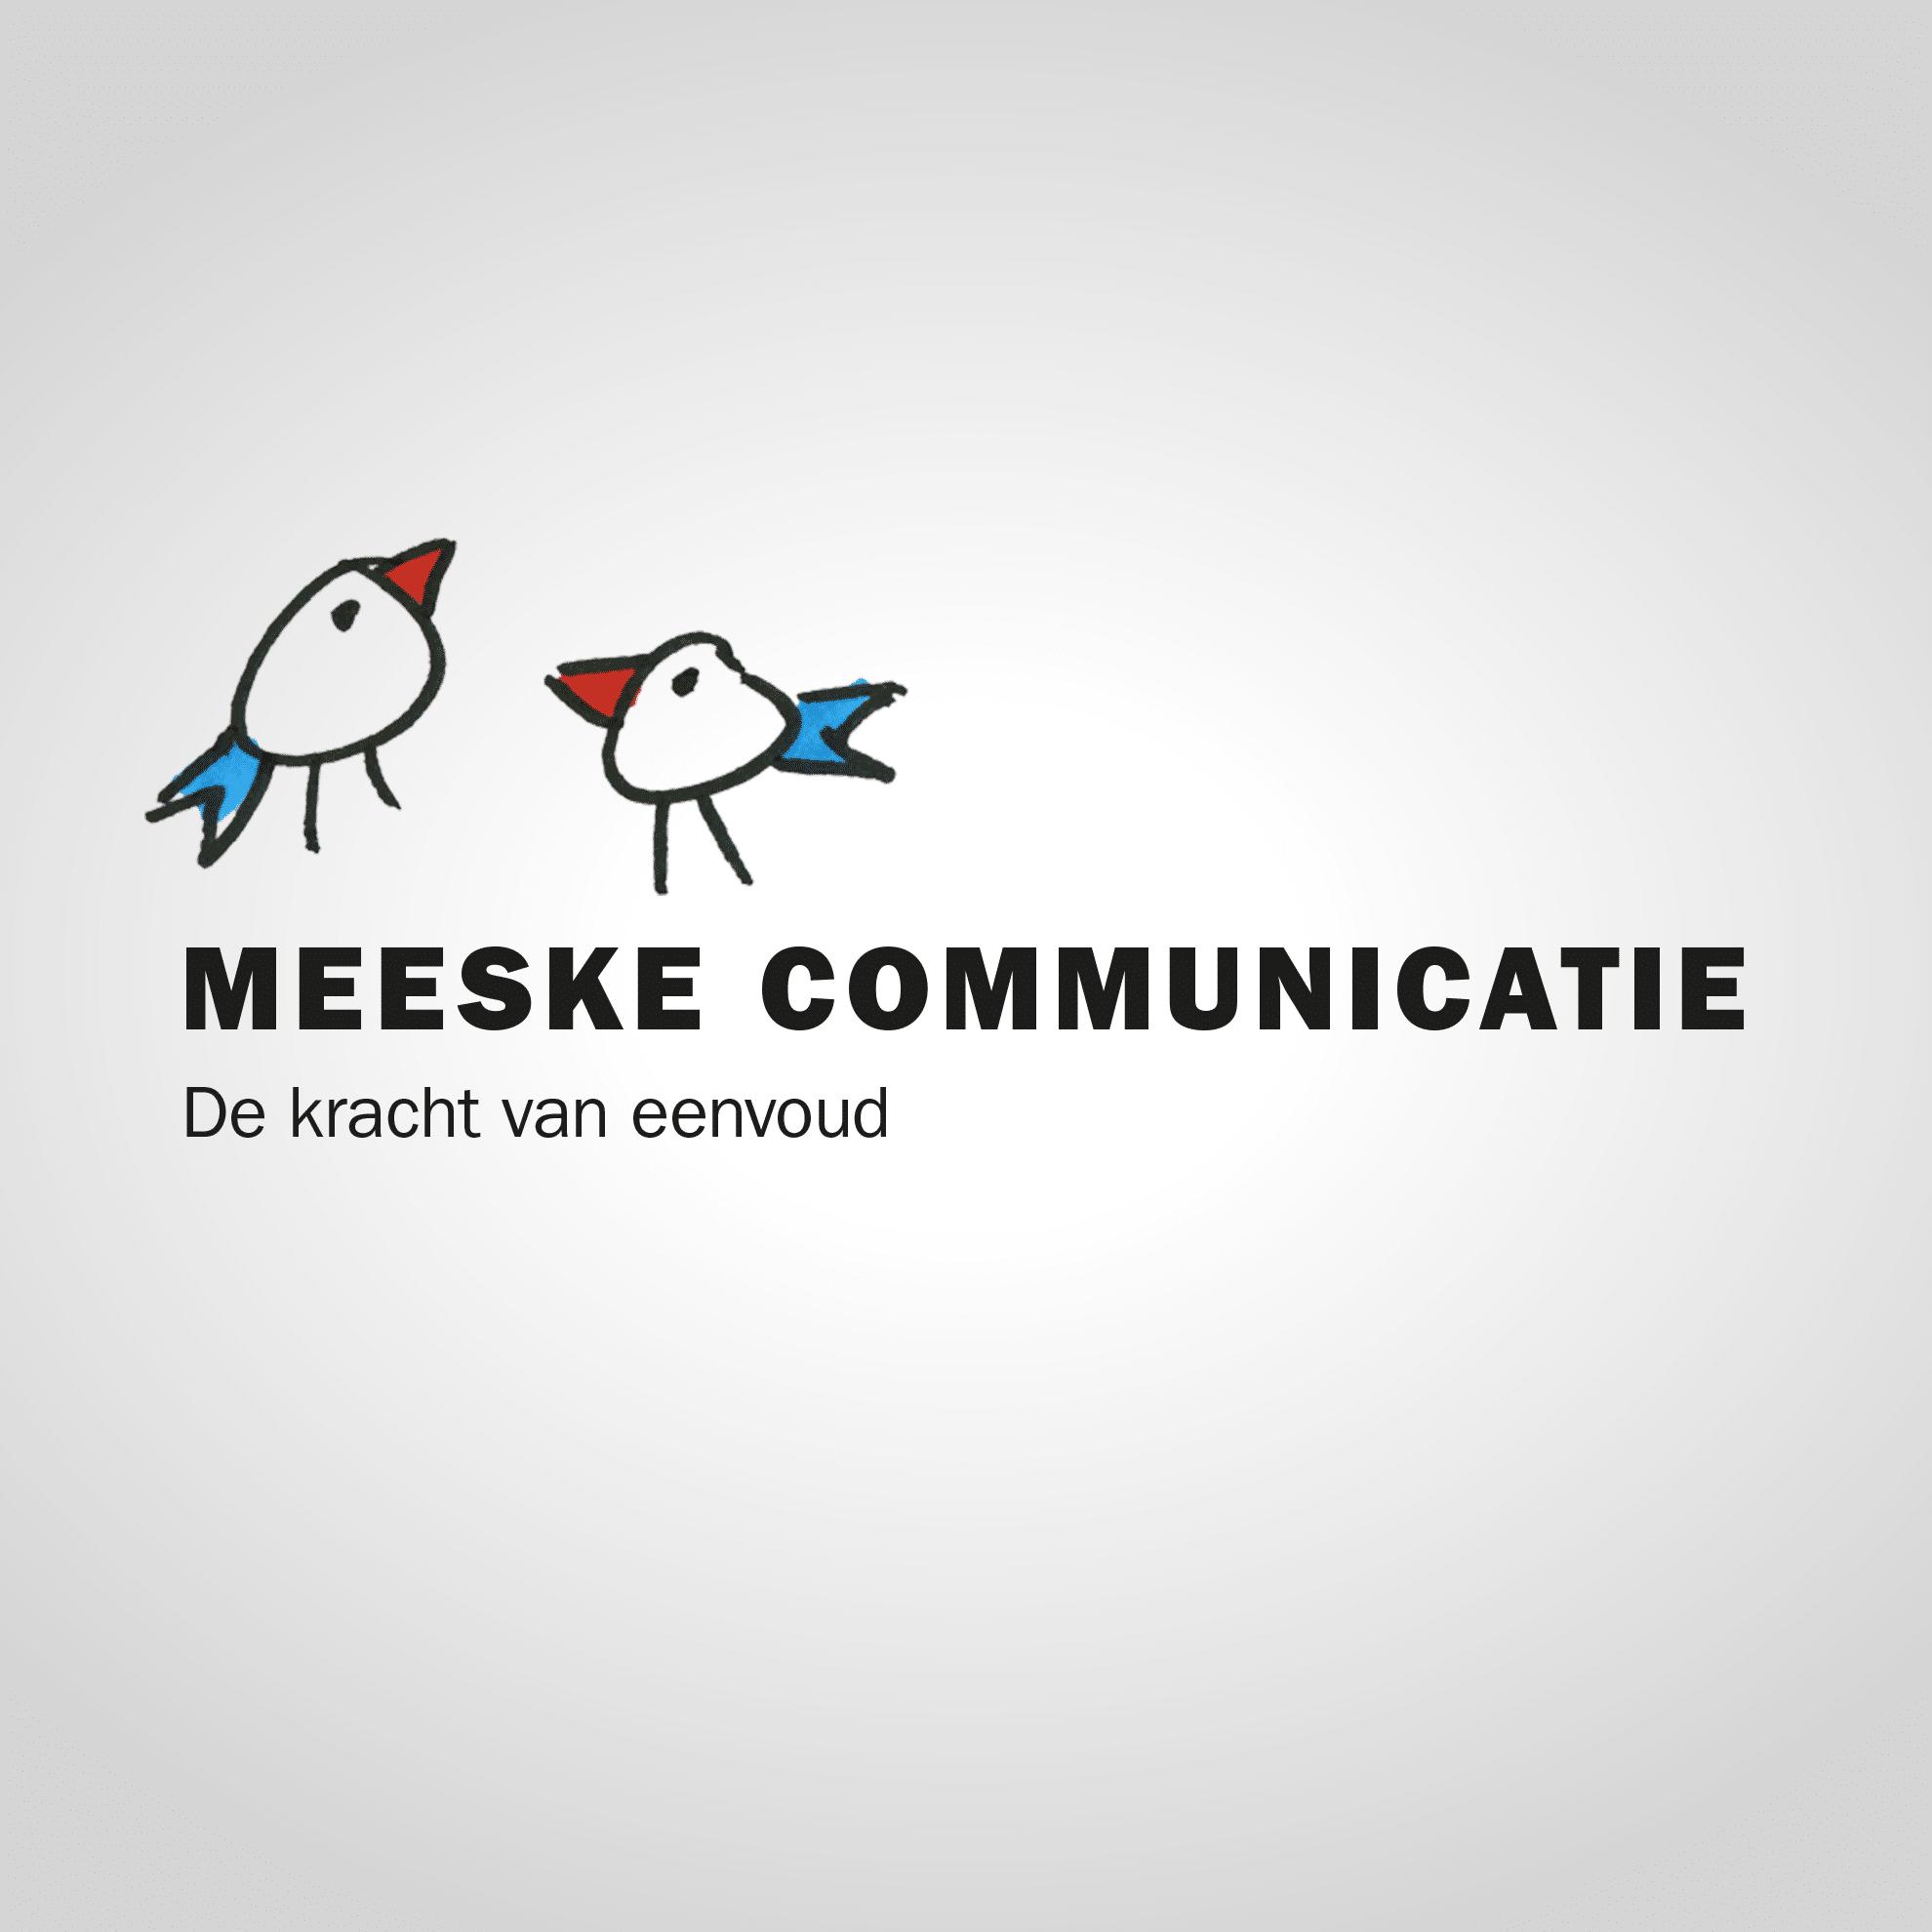 meeske | Meeske Communicatie logo